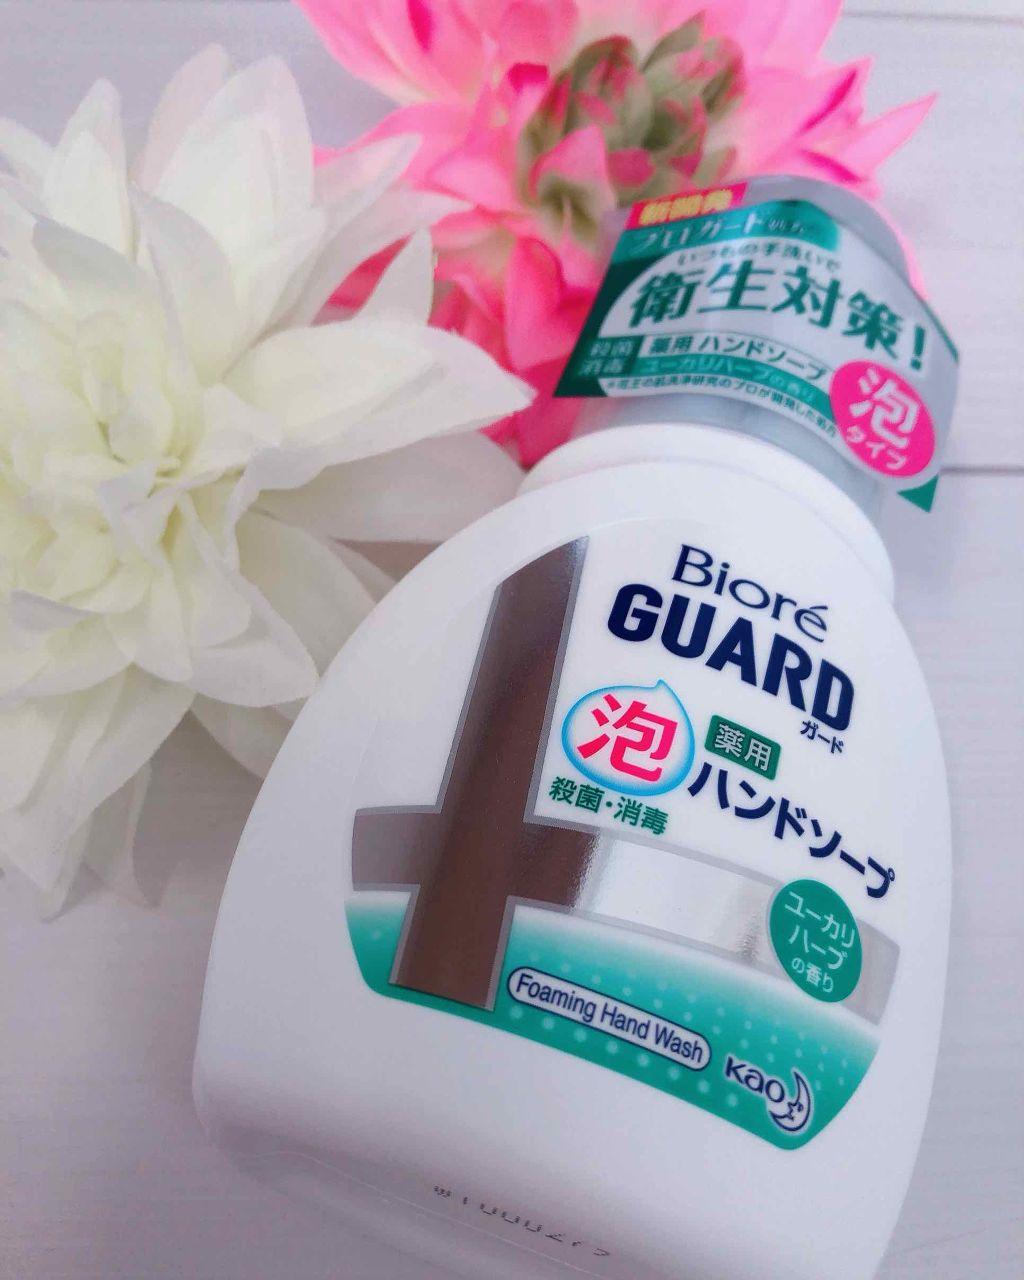 手指 スプレー ガード 携帯 薬用 用 ビオレ 用 消毒